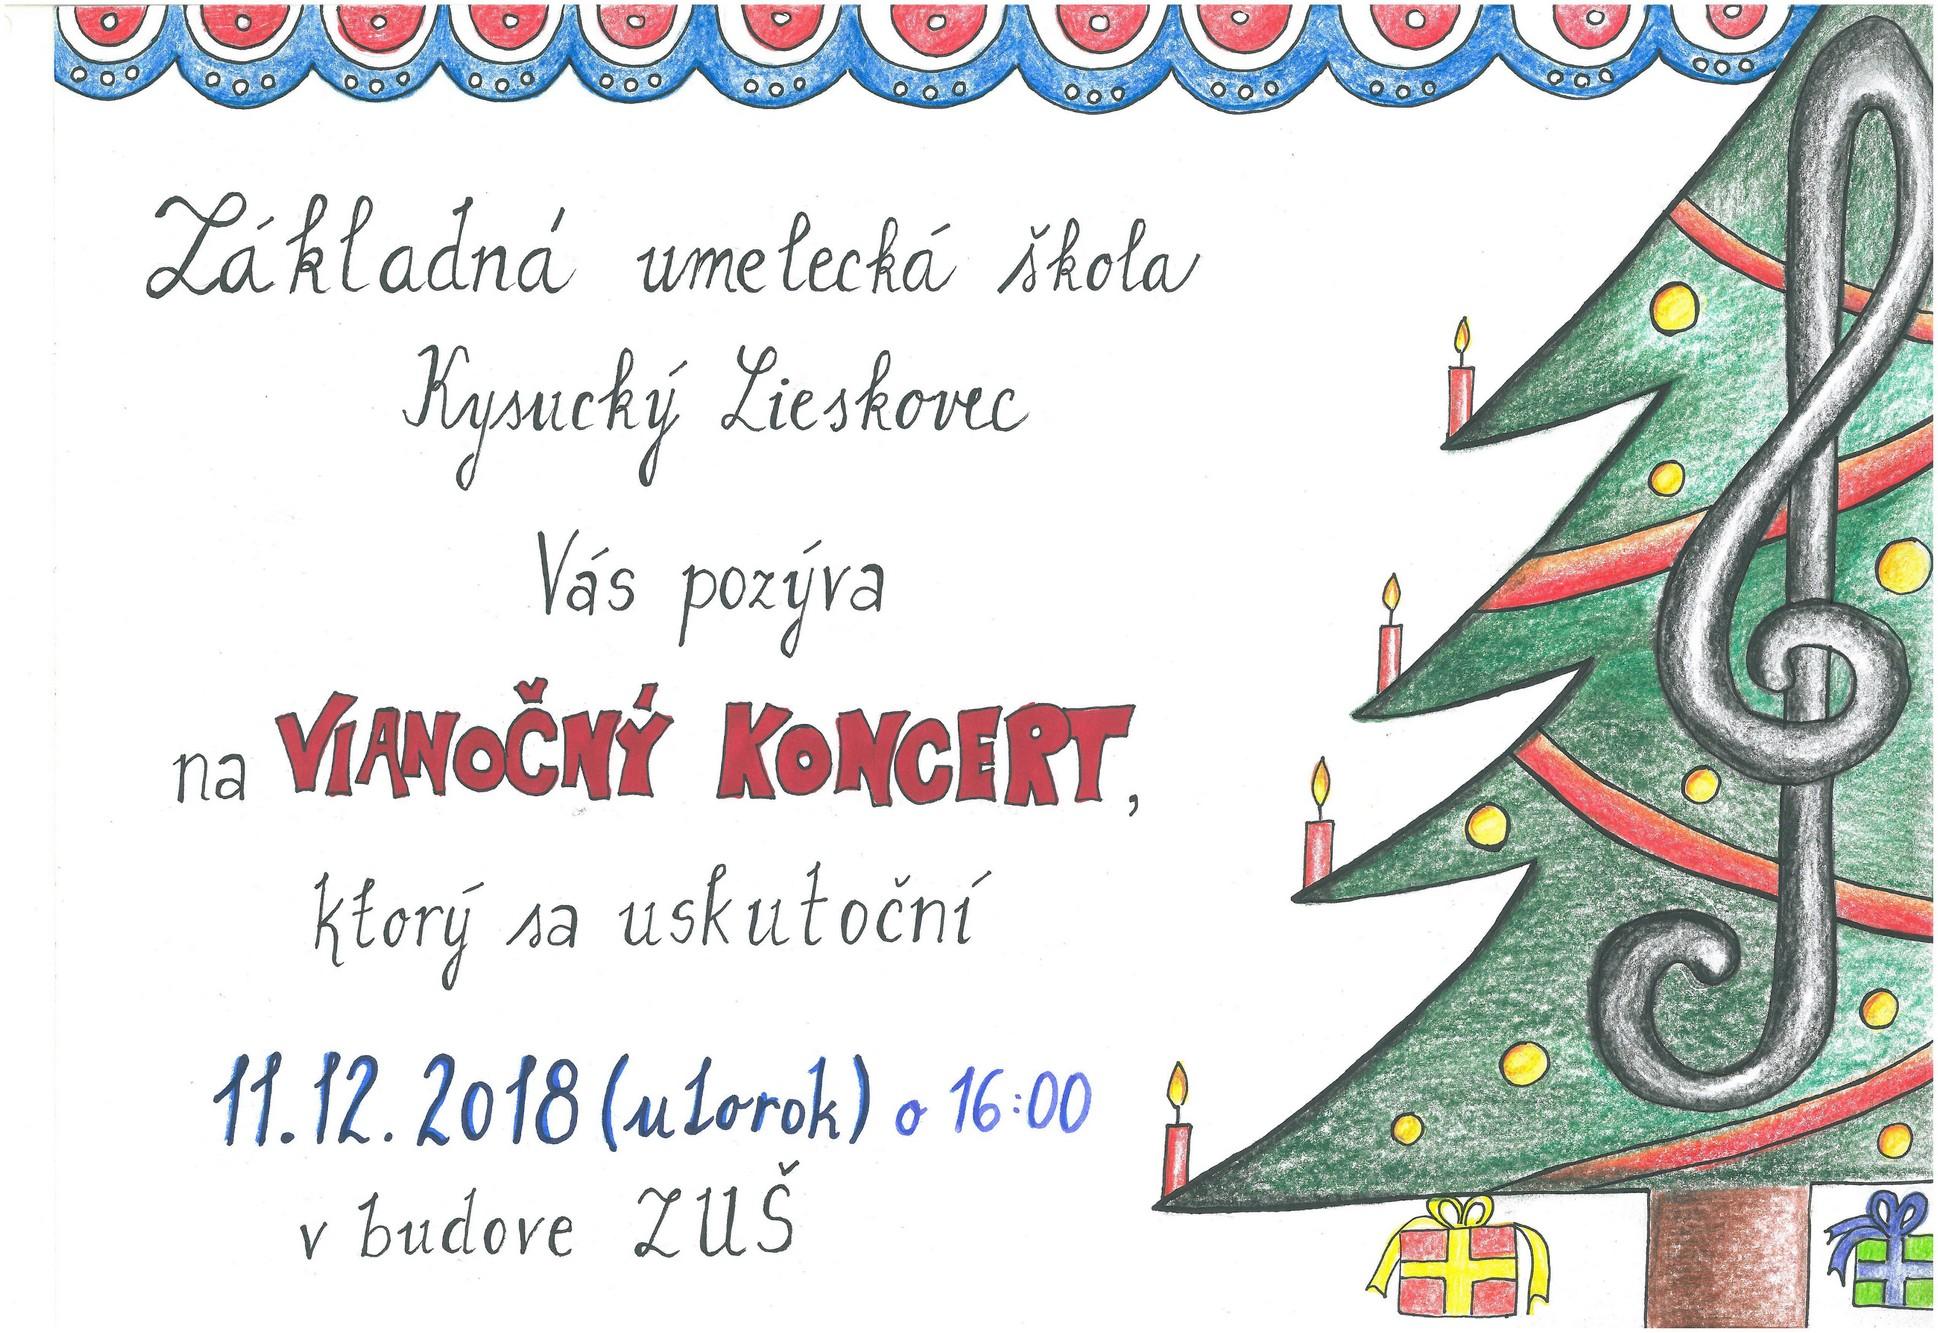 Pozývame Vás na Vianočný koncert